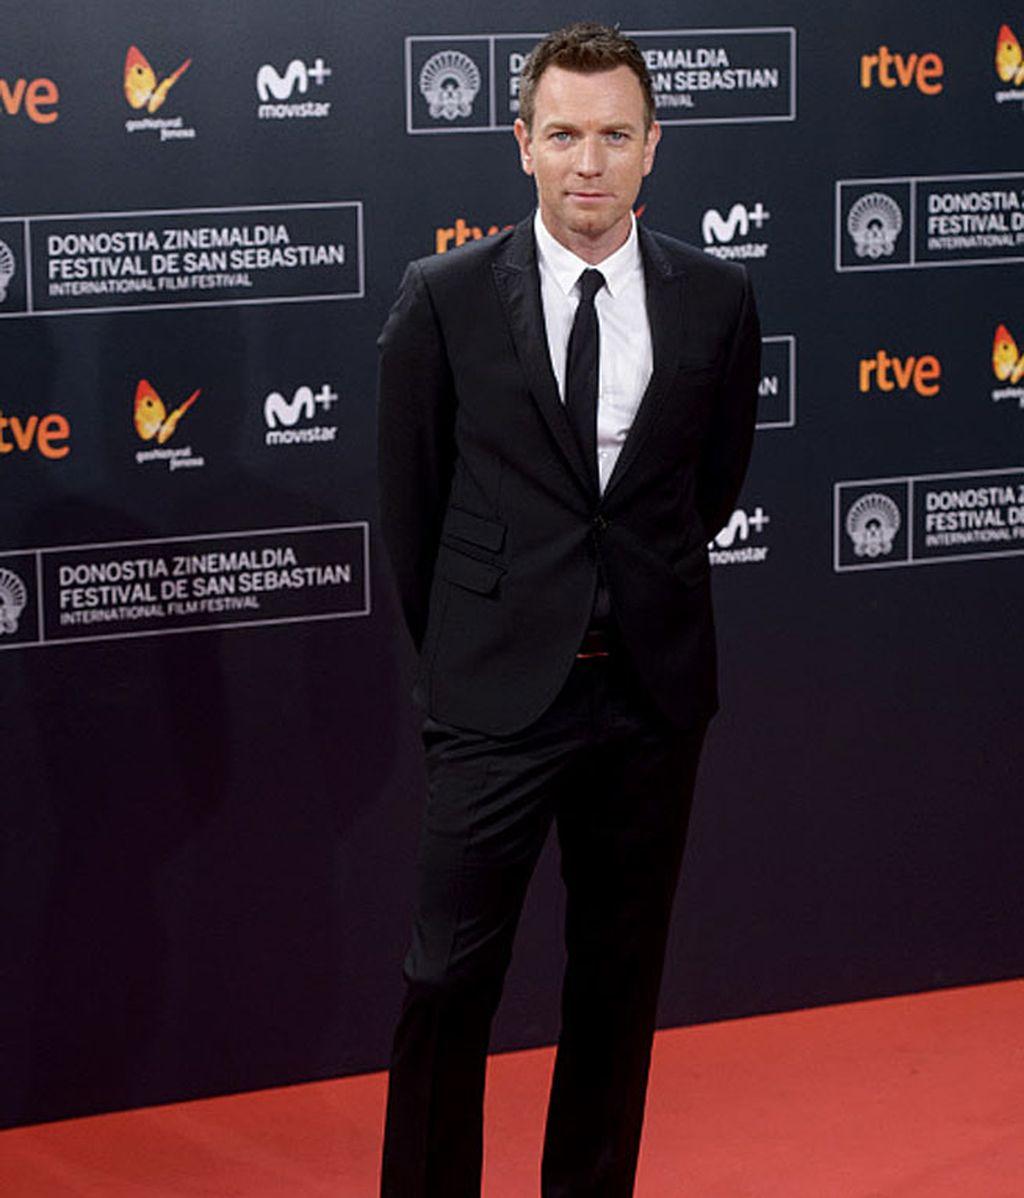 El atractivo actor británico, Ewan McGregor, en la gran gala